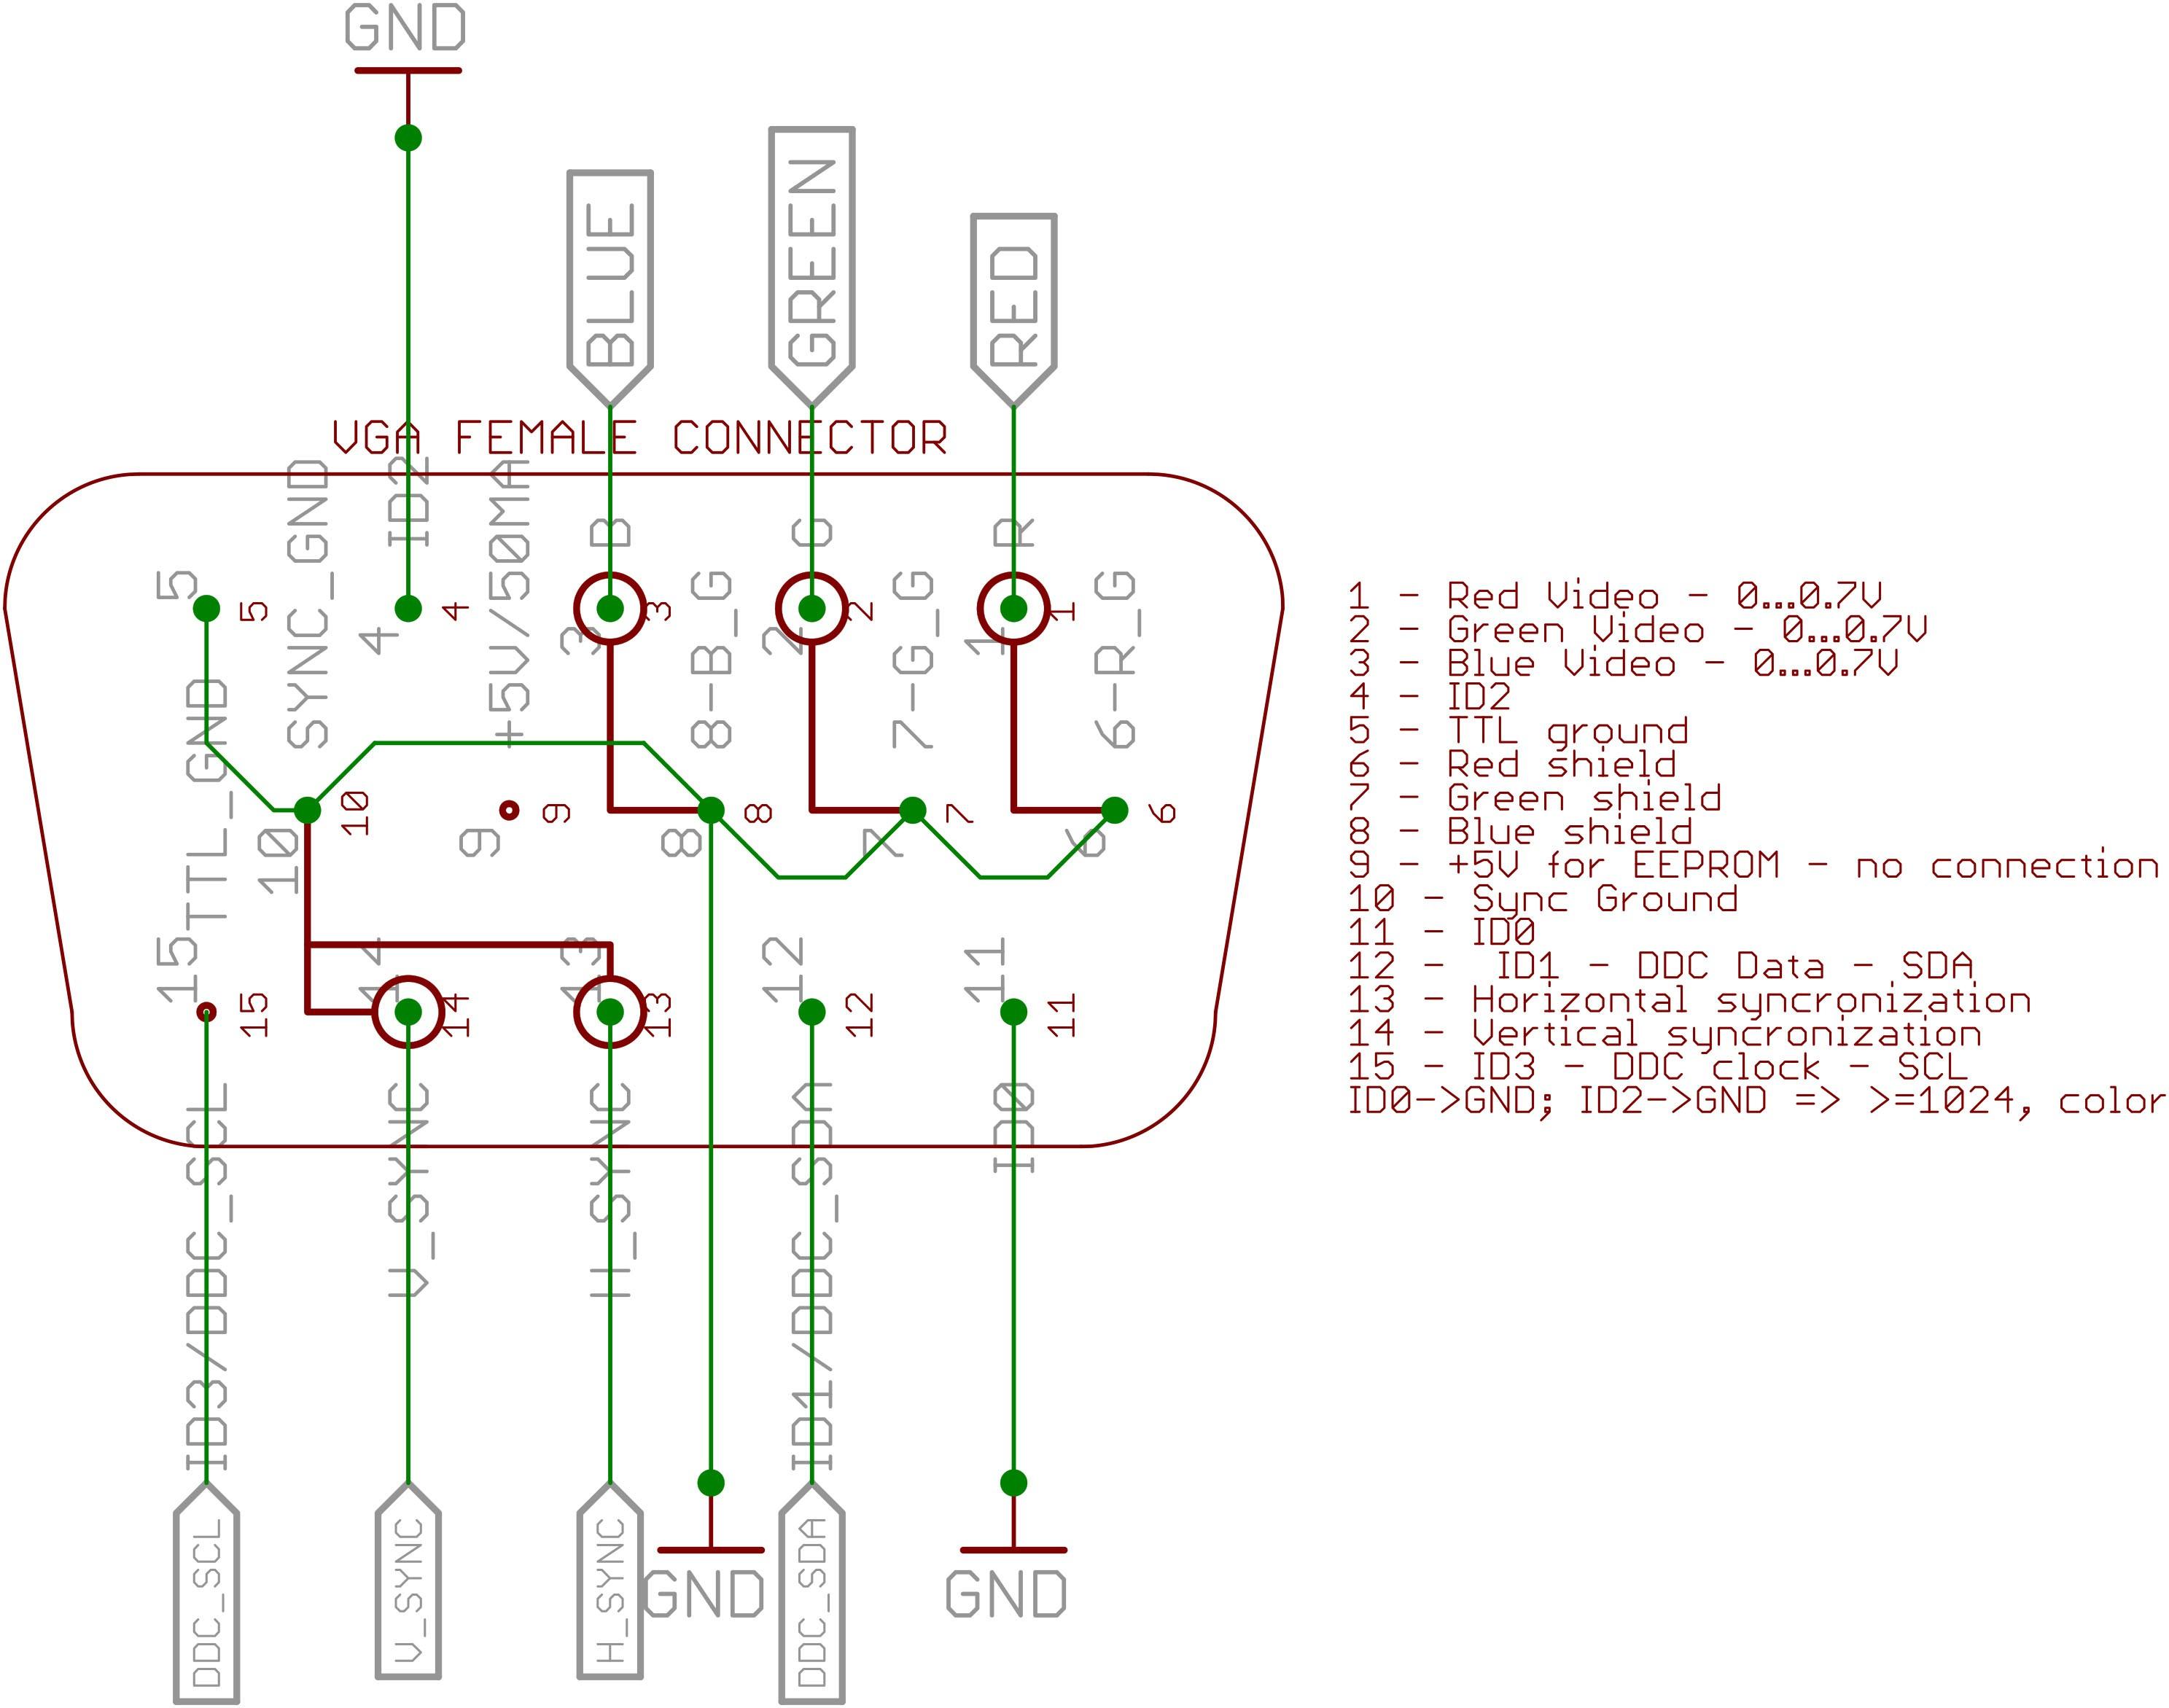 Vga Wiring Diagram - Lorestan - Vga Wiring Diagram